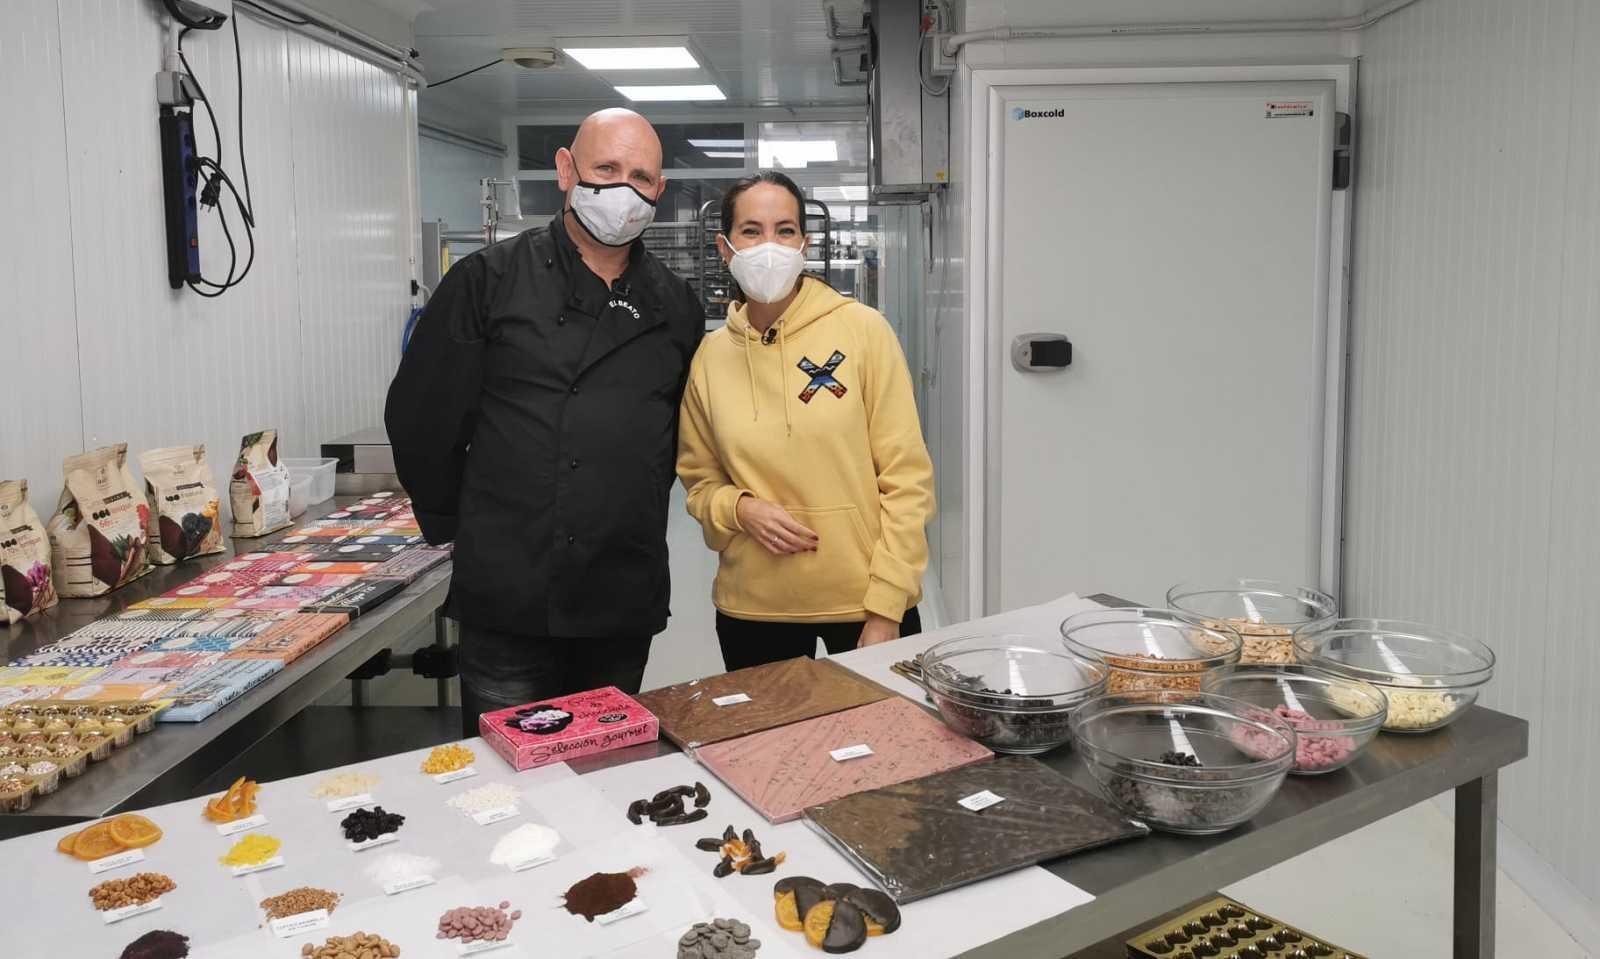 Aquí la Tierra - ¡Una chocolatería con más de 100 sabores diferentes de chocolate!